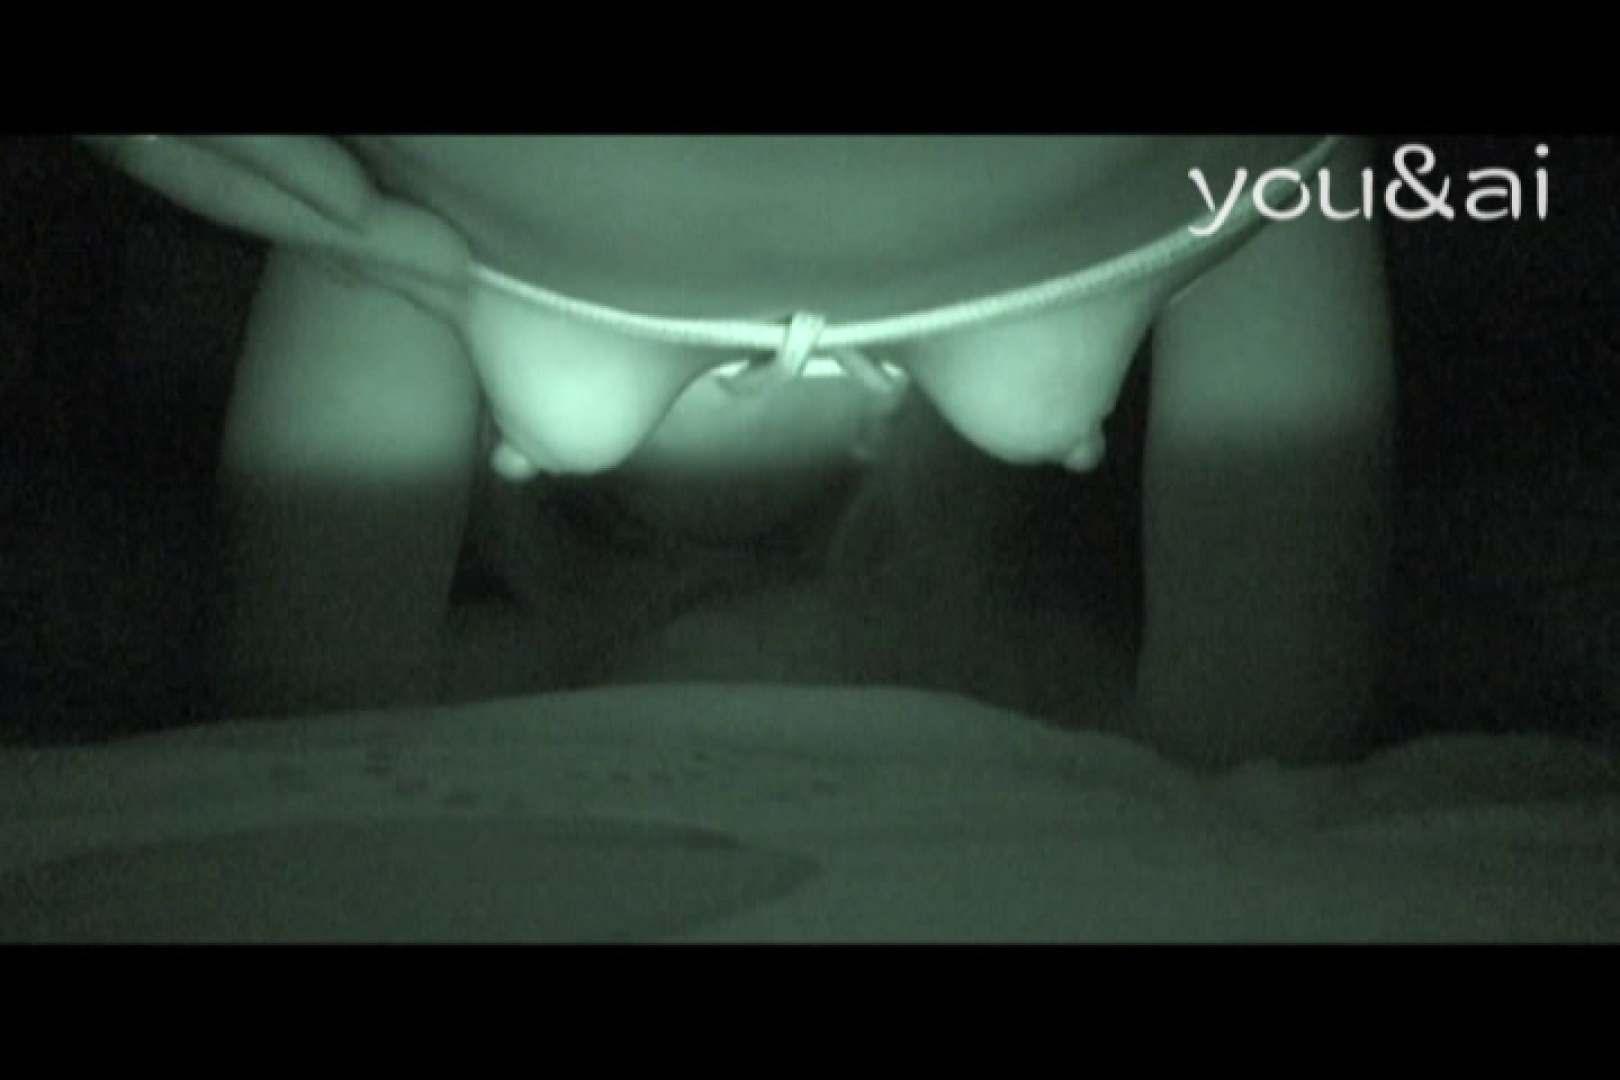 おしどり夫婦のyou&aiさん投稿作品vol.4 カーセックス アダルト動画キャプチャ 71pic 47